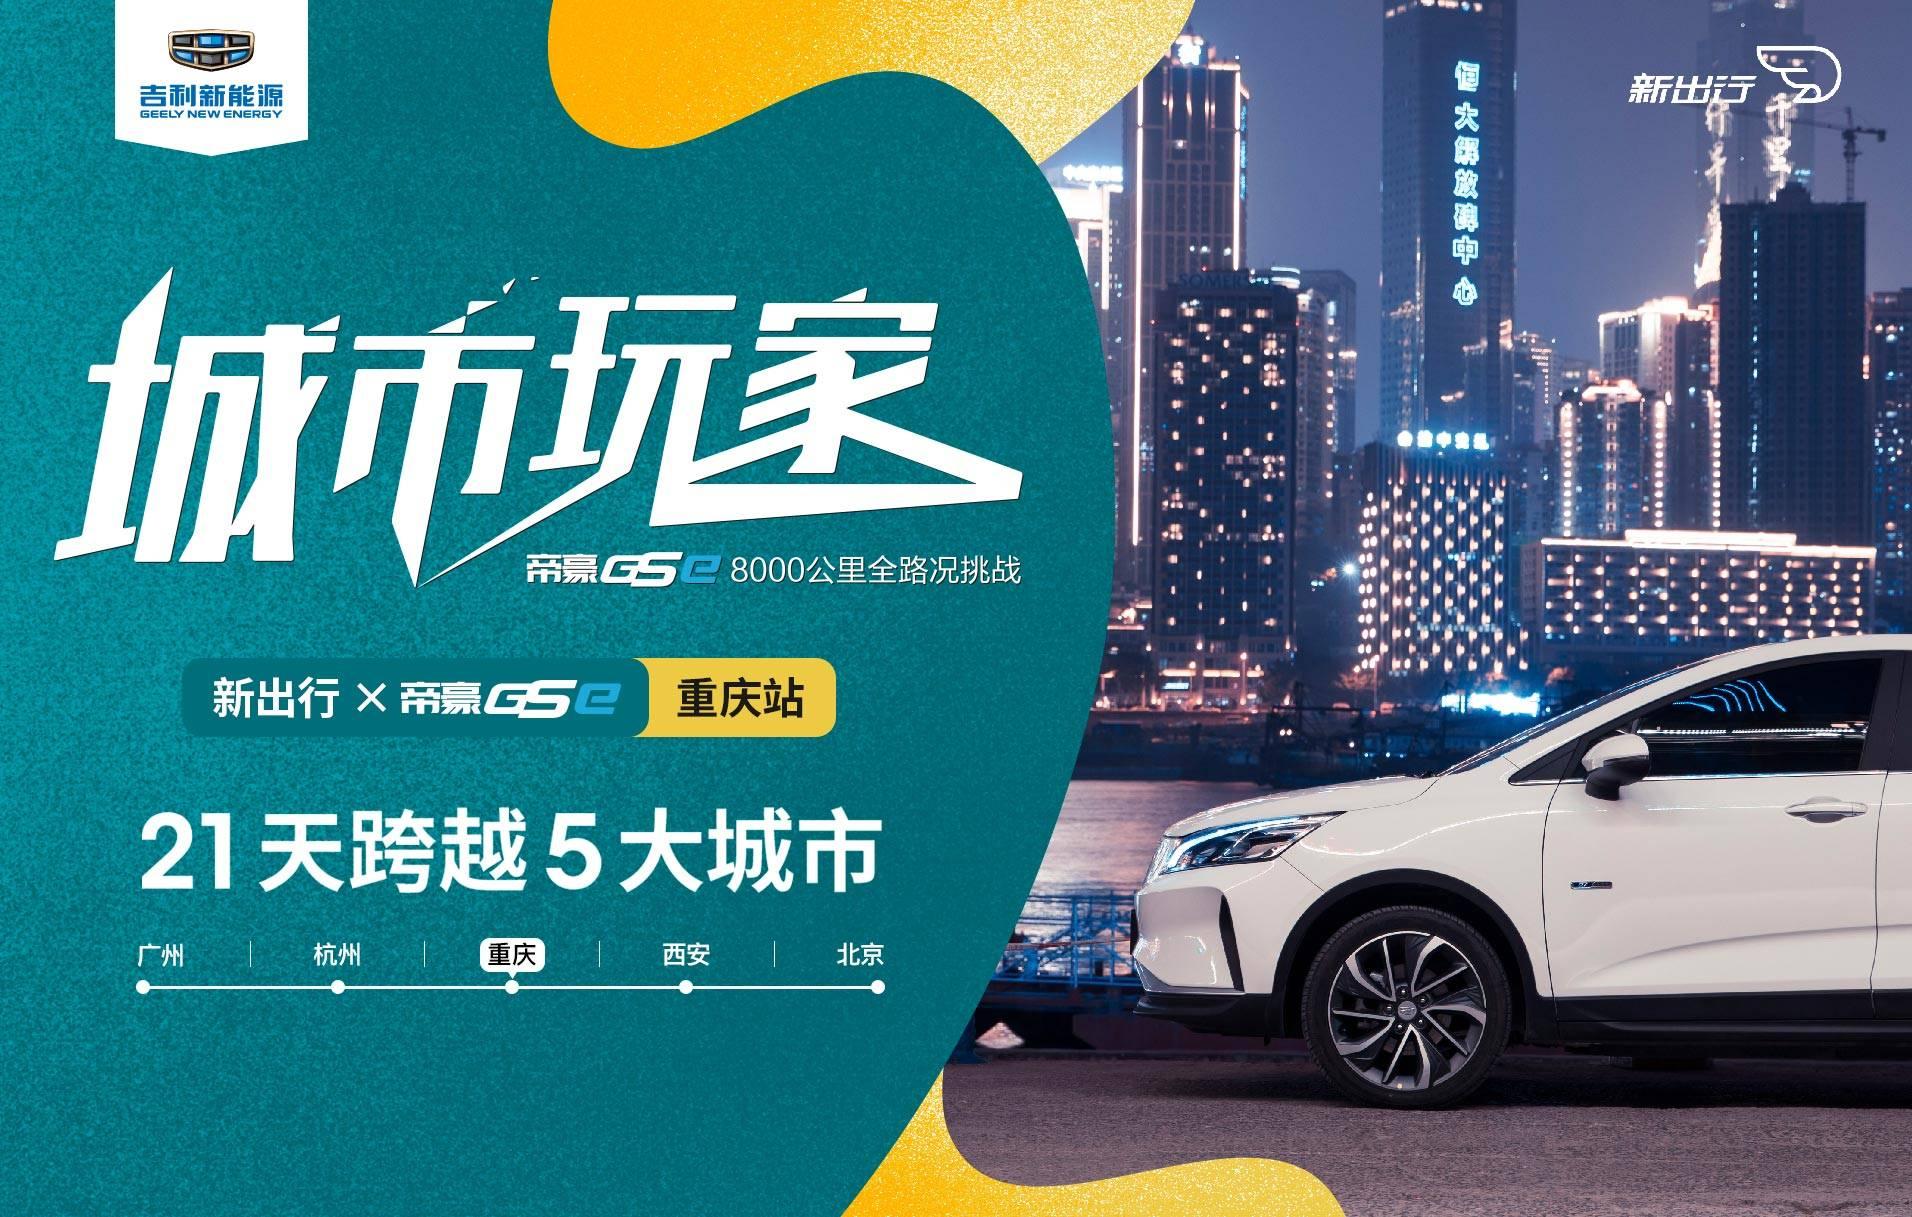 帝豪GSe 广州-北京8000km挑战赛:重庆站